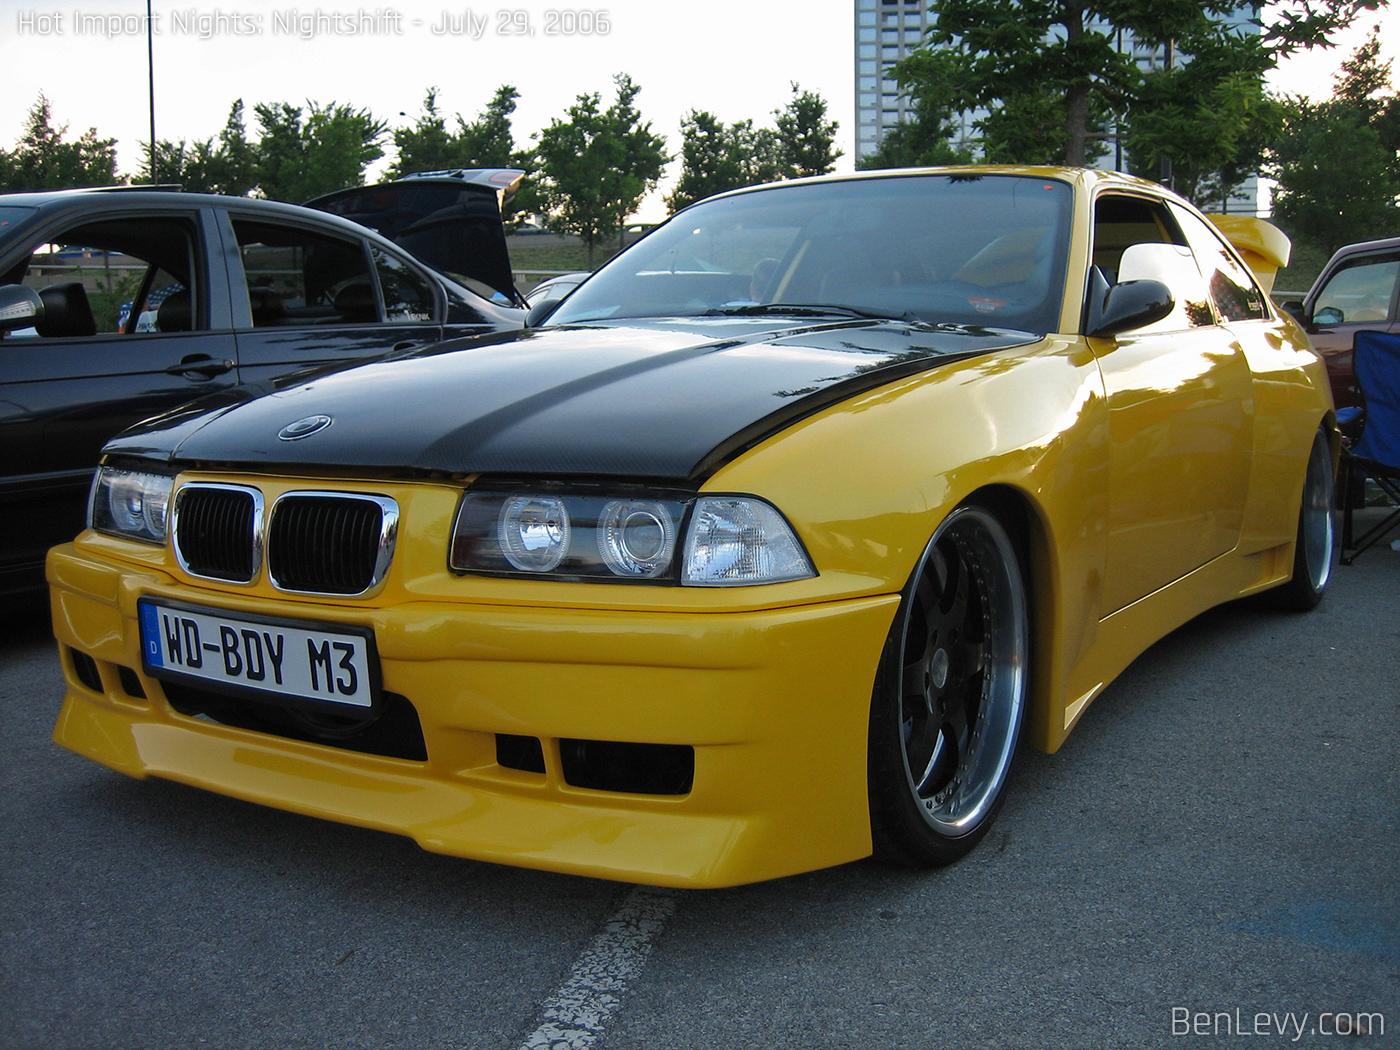 Wide-body E36 BMW M3 - BenLevy.com